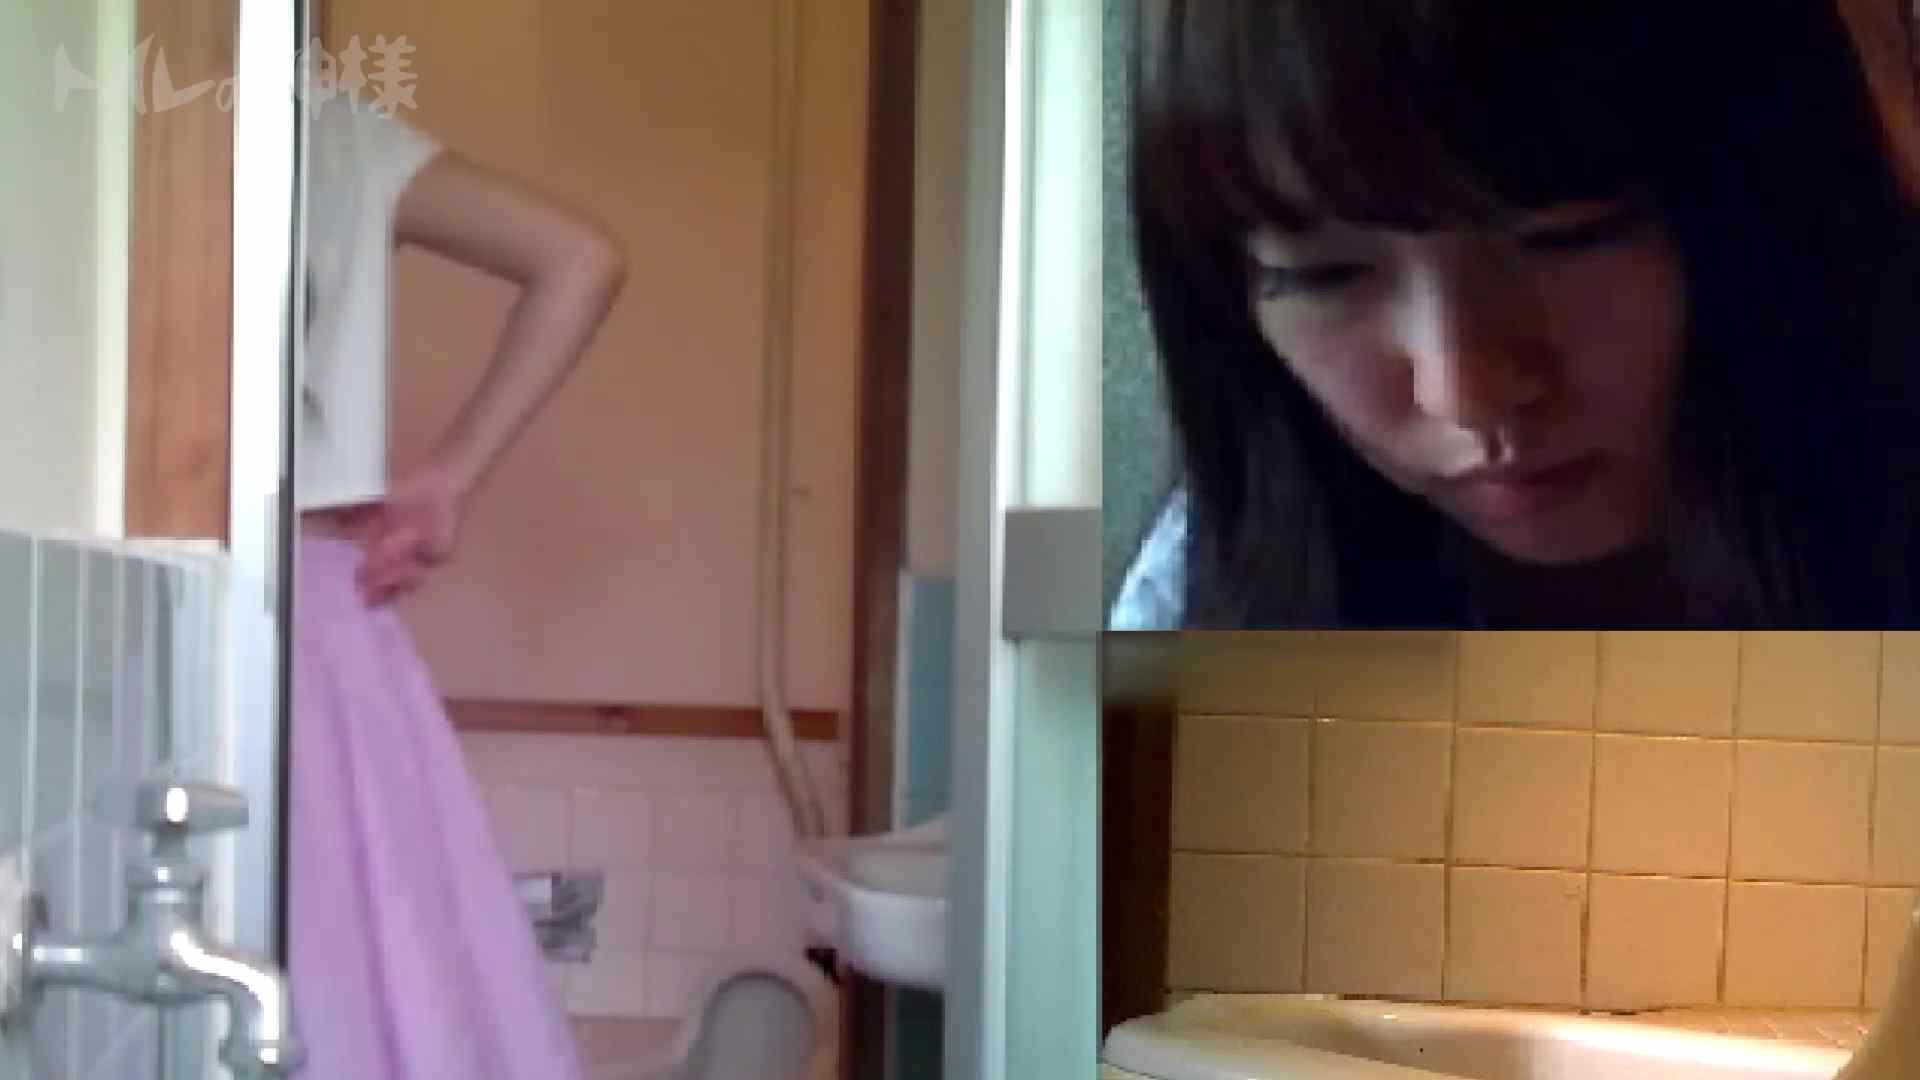 トイレの神様 Vol.09 美女のGEBOきれいに撮っています 美女達のヌード | トイレ中  75連発 33